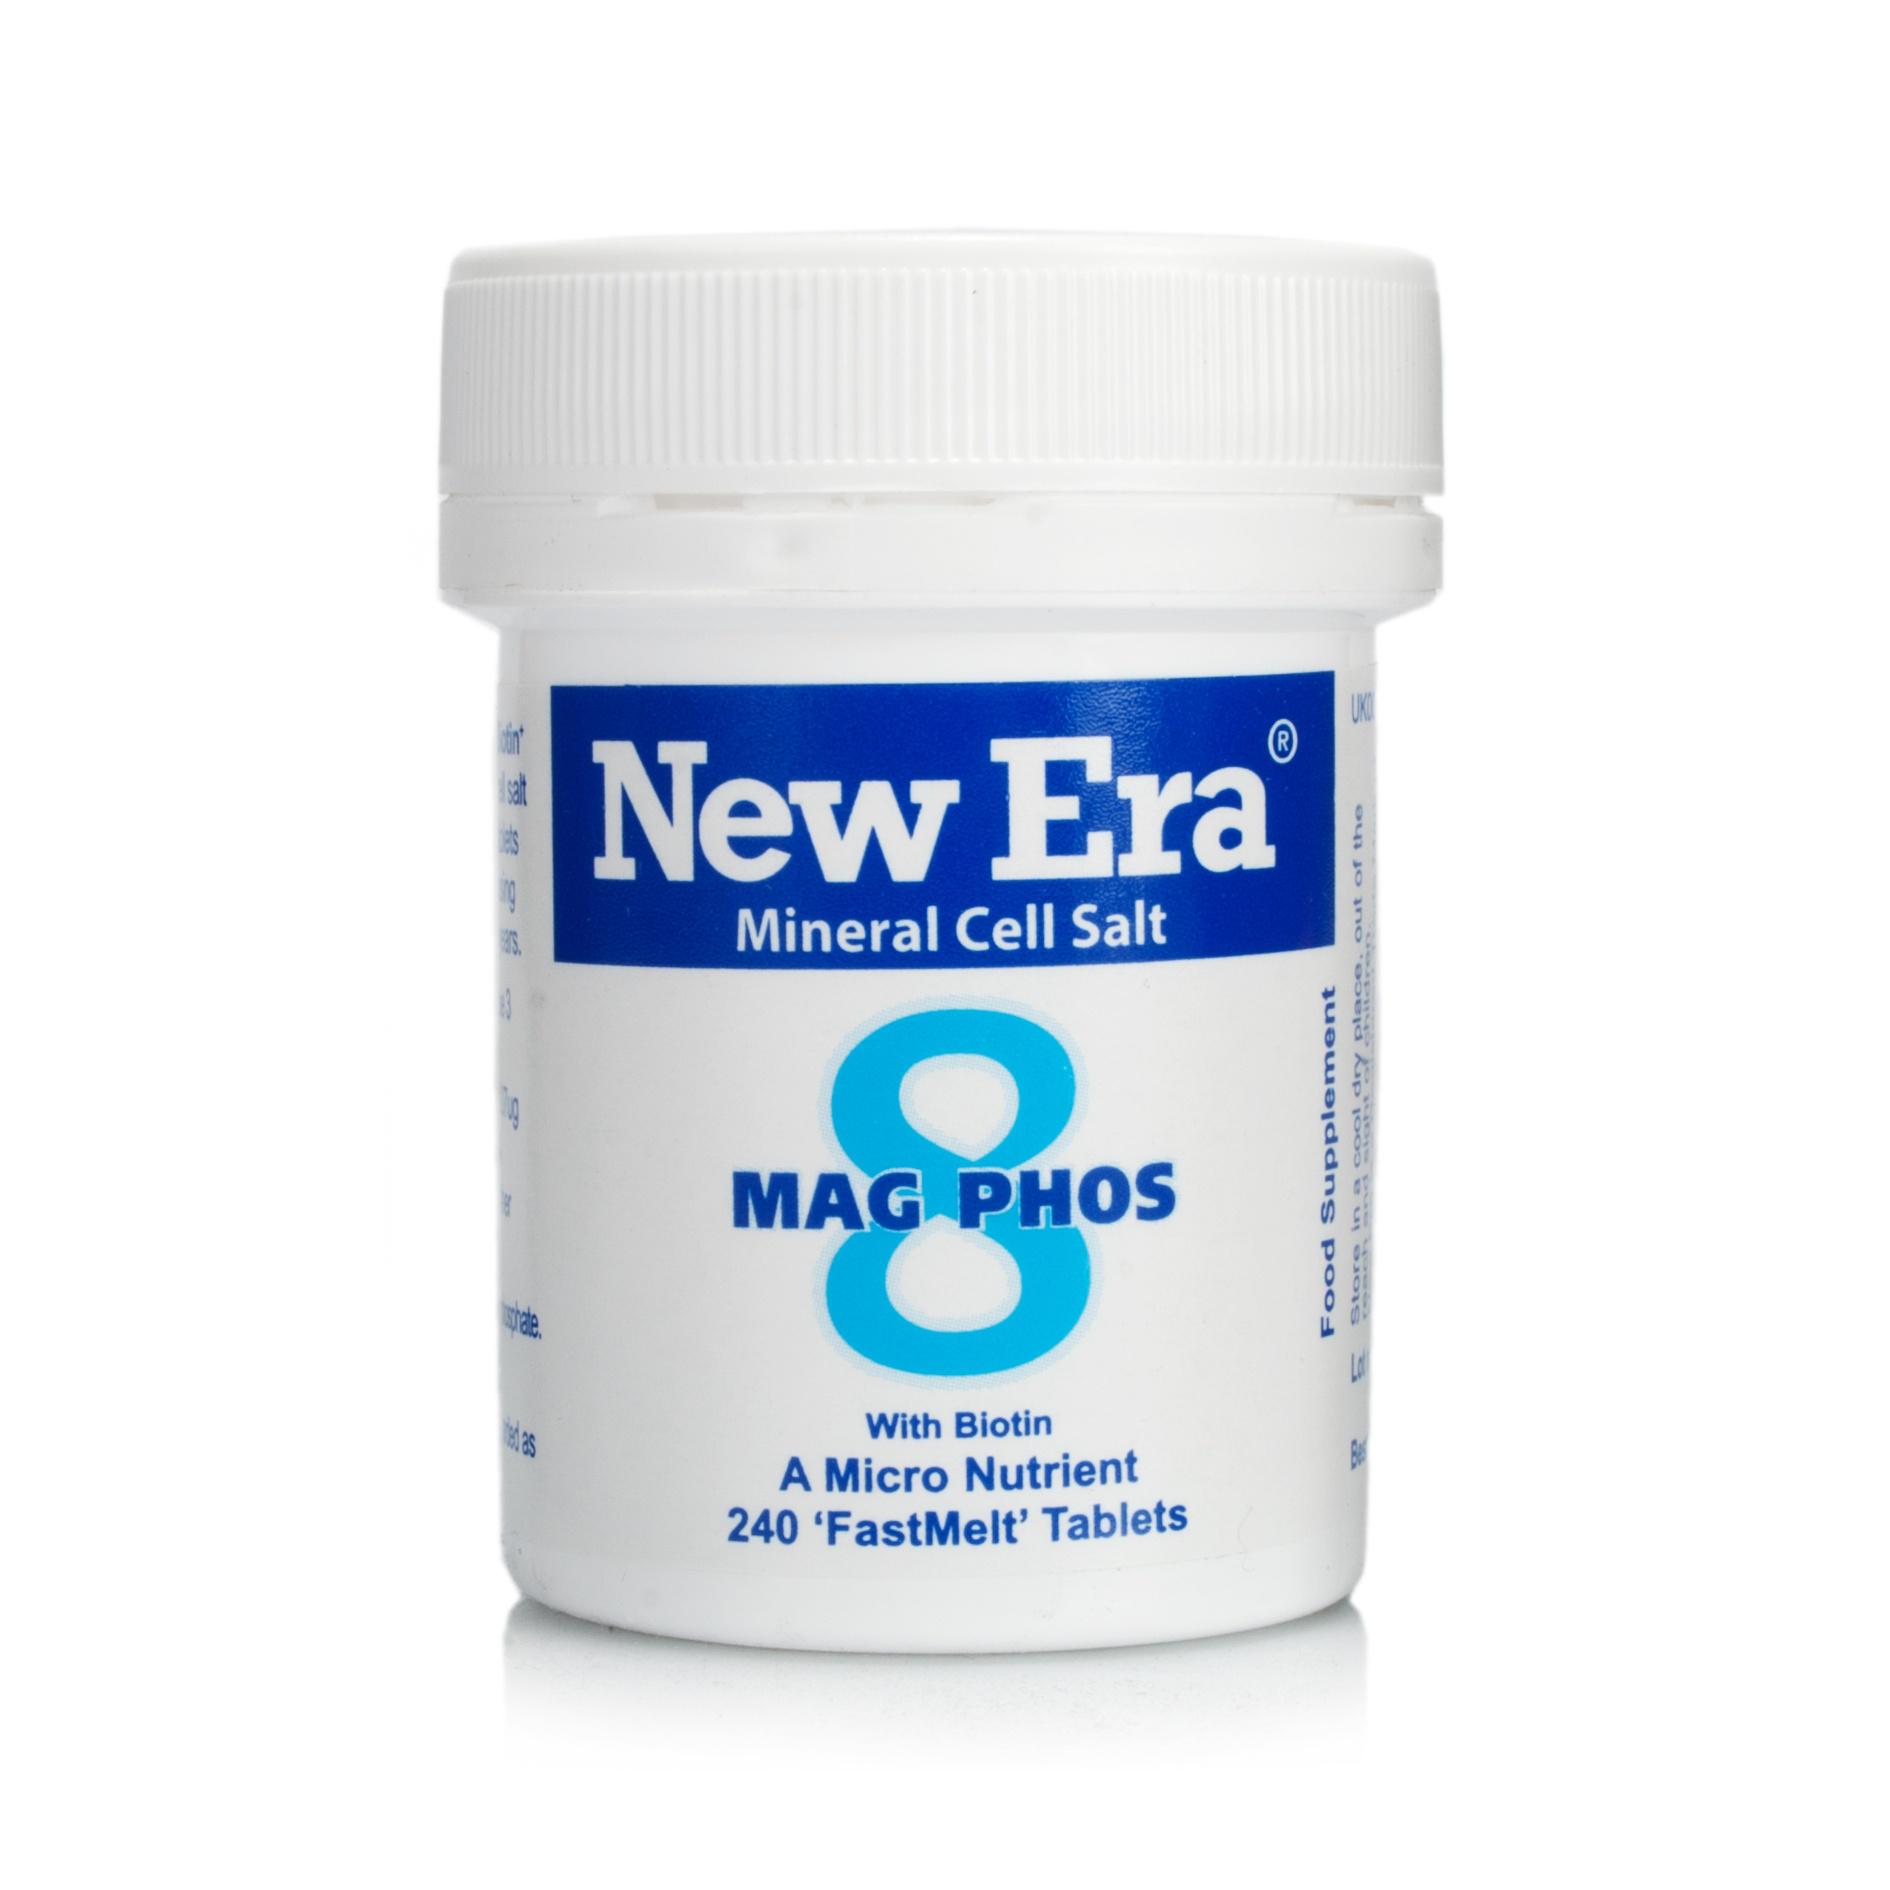 New Era No.8 Mag Phos